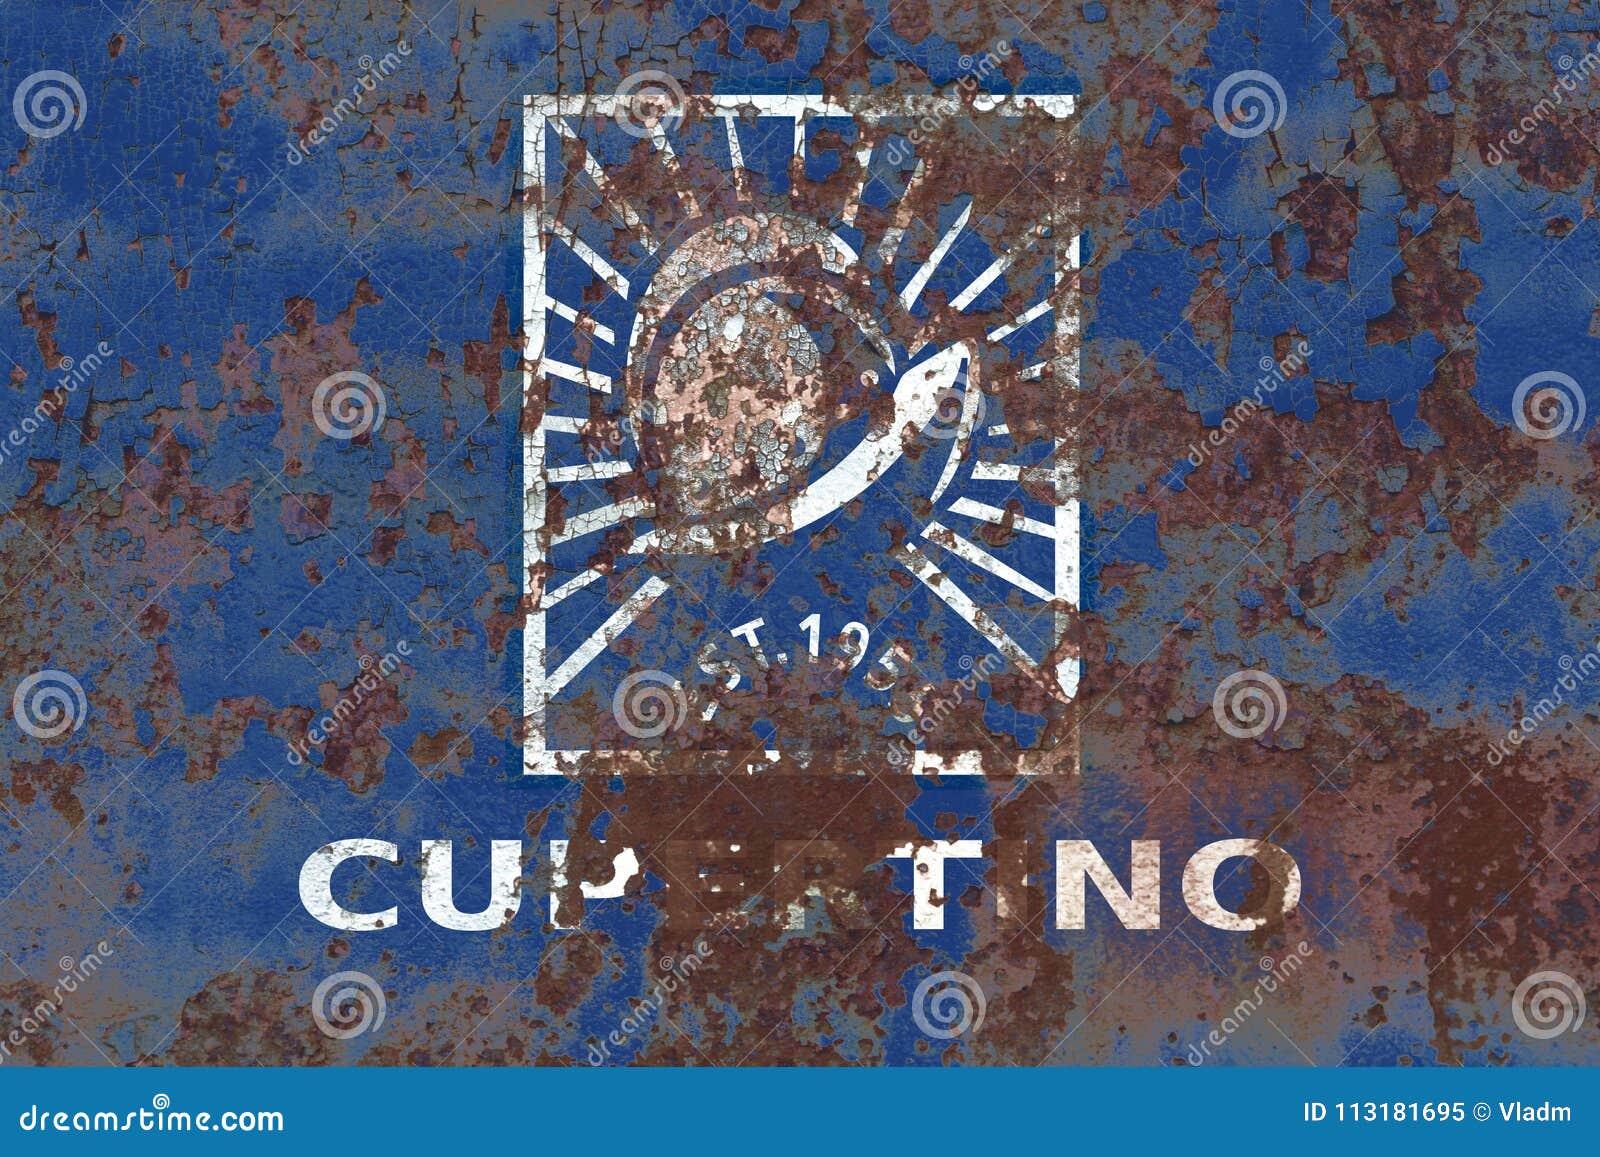 Флаг задымления городов Cupertino, положение Калифорнии, Соединенные Штаты Am